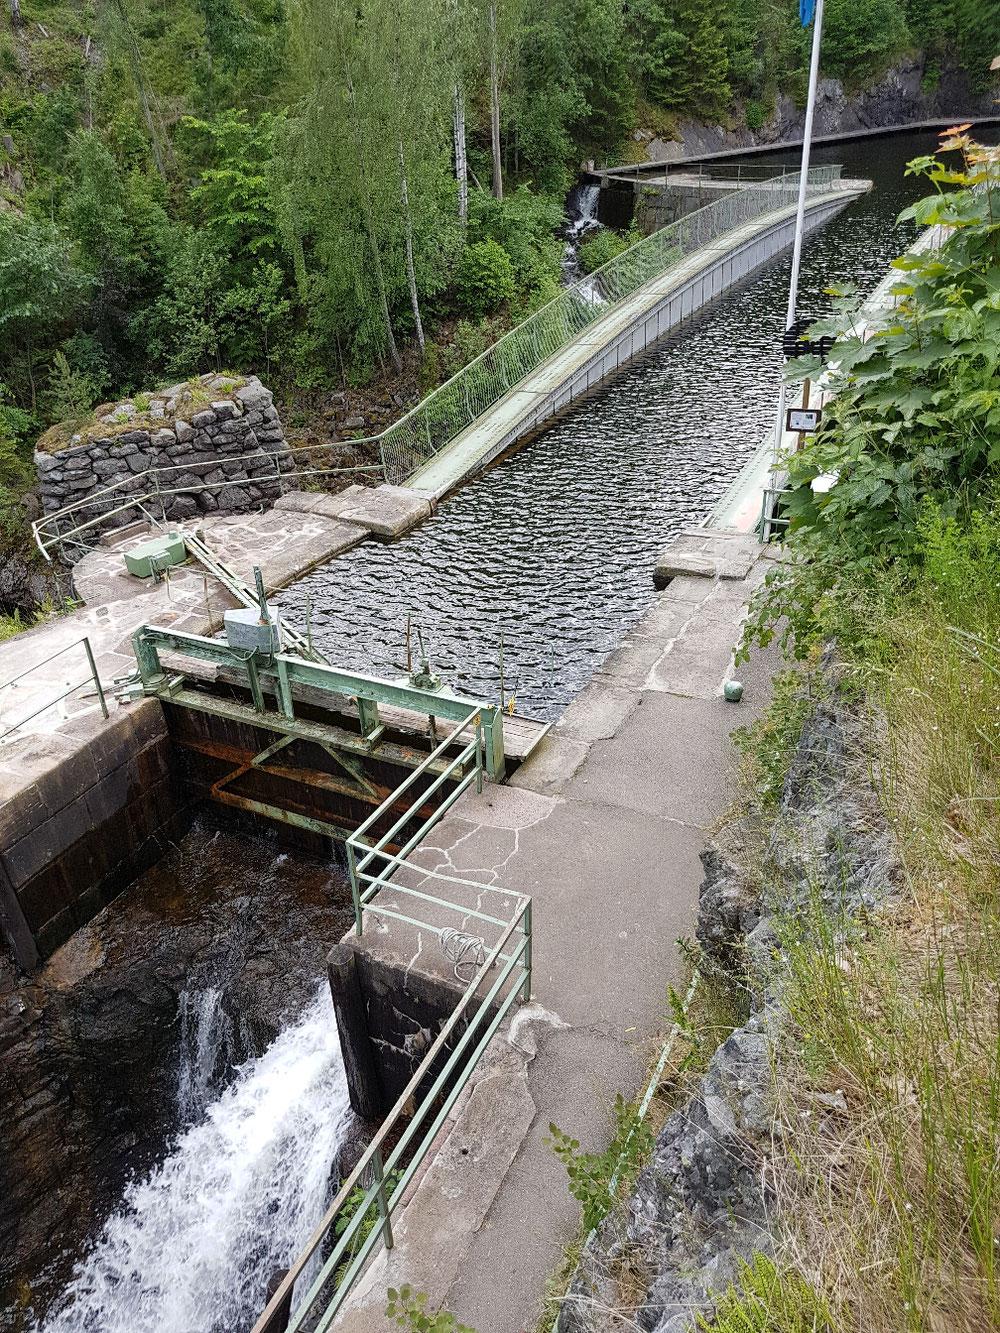 Uf der Durchfahrt si mir äs Akquidukt ga aluägä. Äs Schleusäsystem mit künschtlächem Wasserkanal u Isäbahnliniä und Outobrügg.